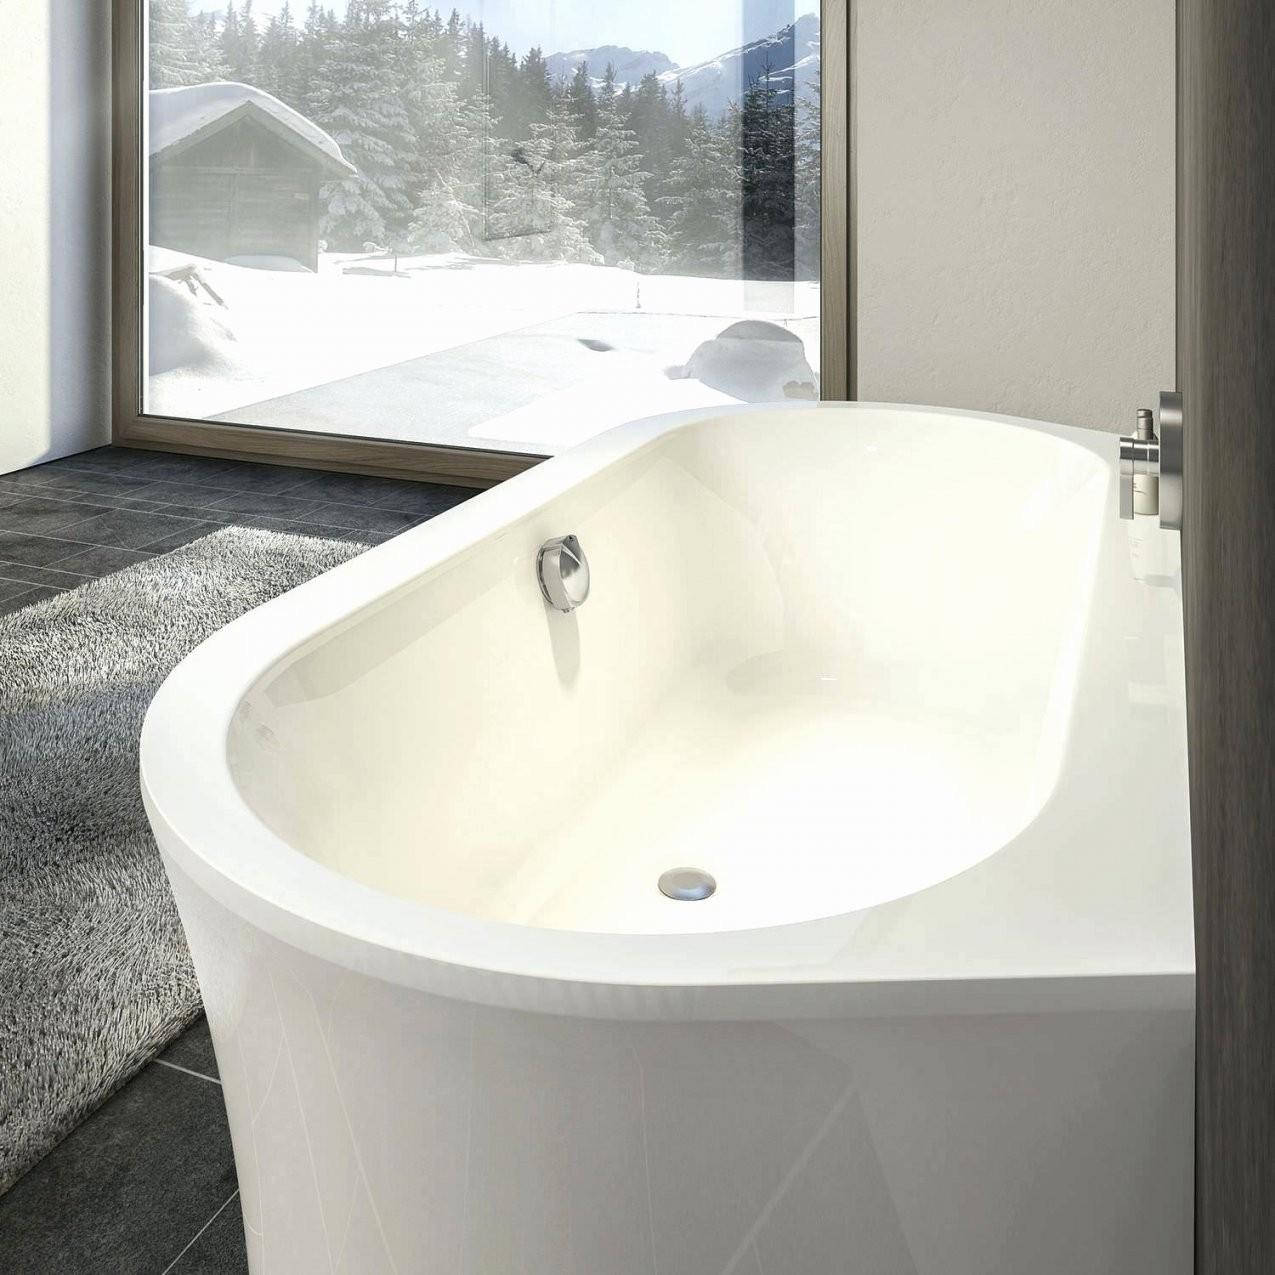 Halb Freistehende Badewanne Luxus Badezimmer Mediterran Frisch von Badewanne Halb Freistehend Bild